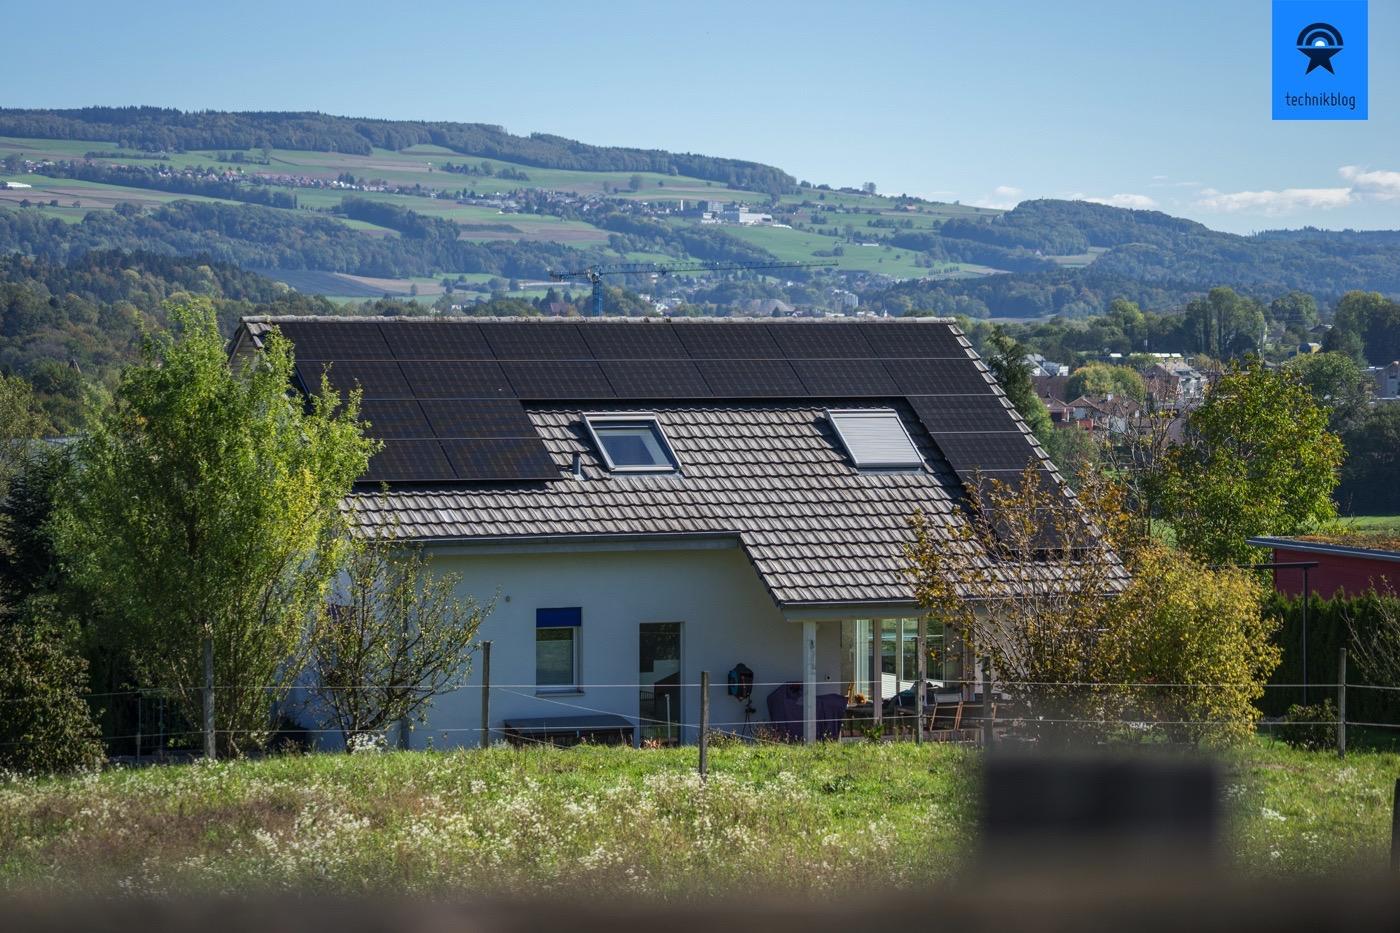 Meine Photovoltaik-Anlage auf dem West-Dach